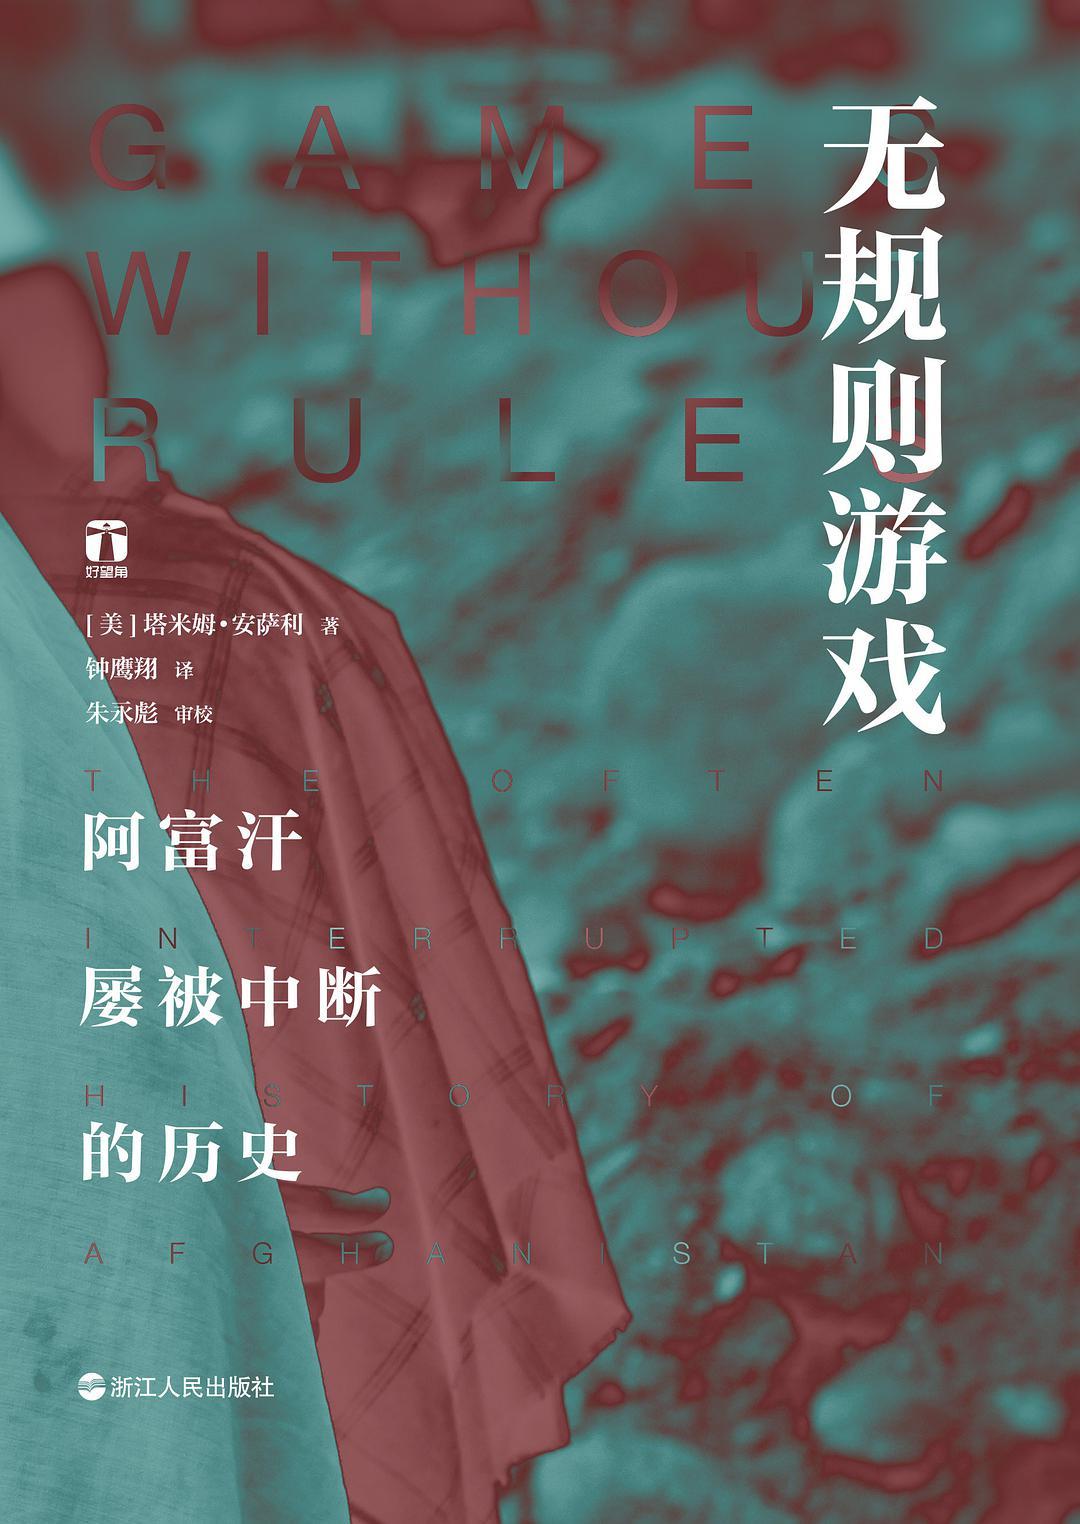 无规则游戏 (中文 language, 2018, 浙江人民出版社)